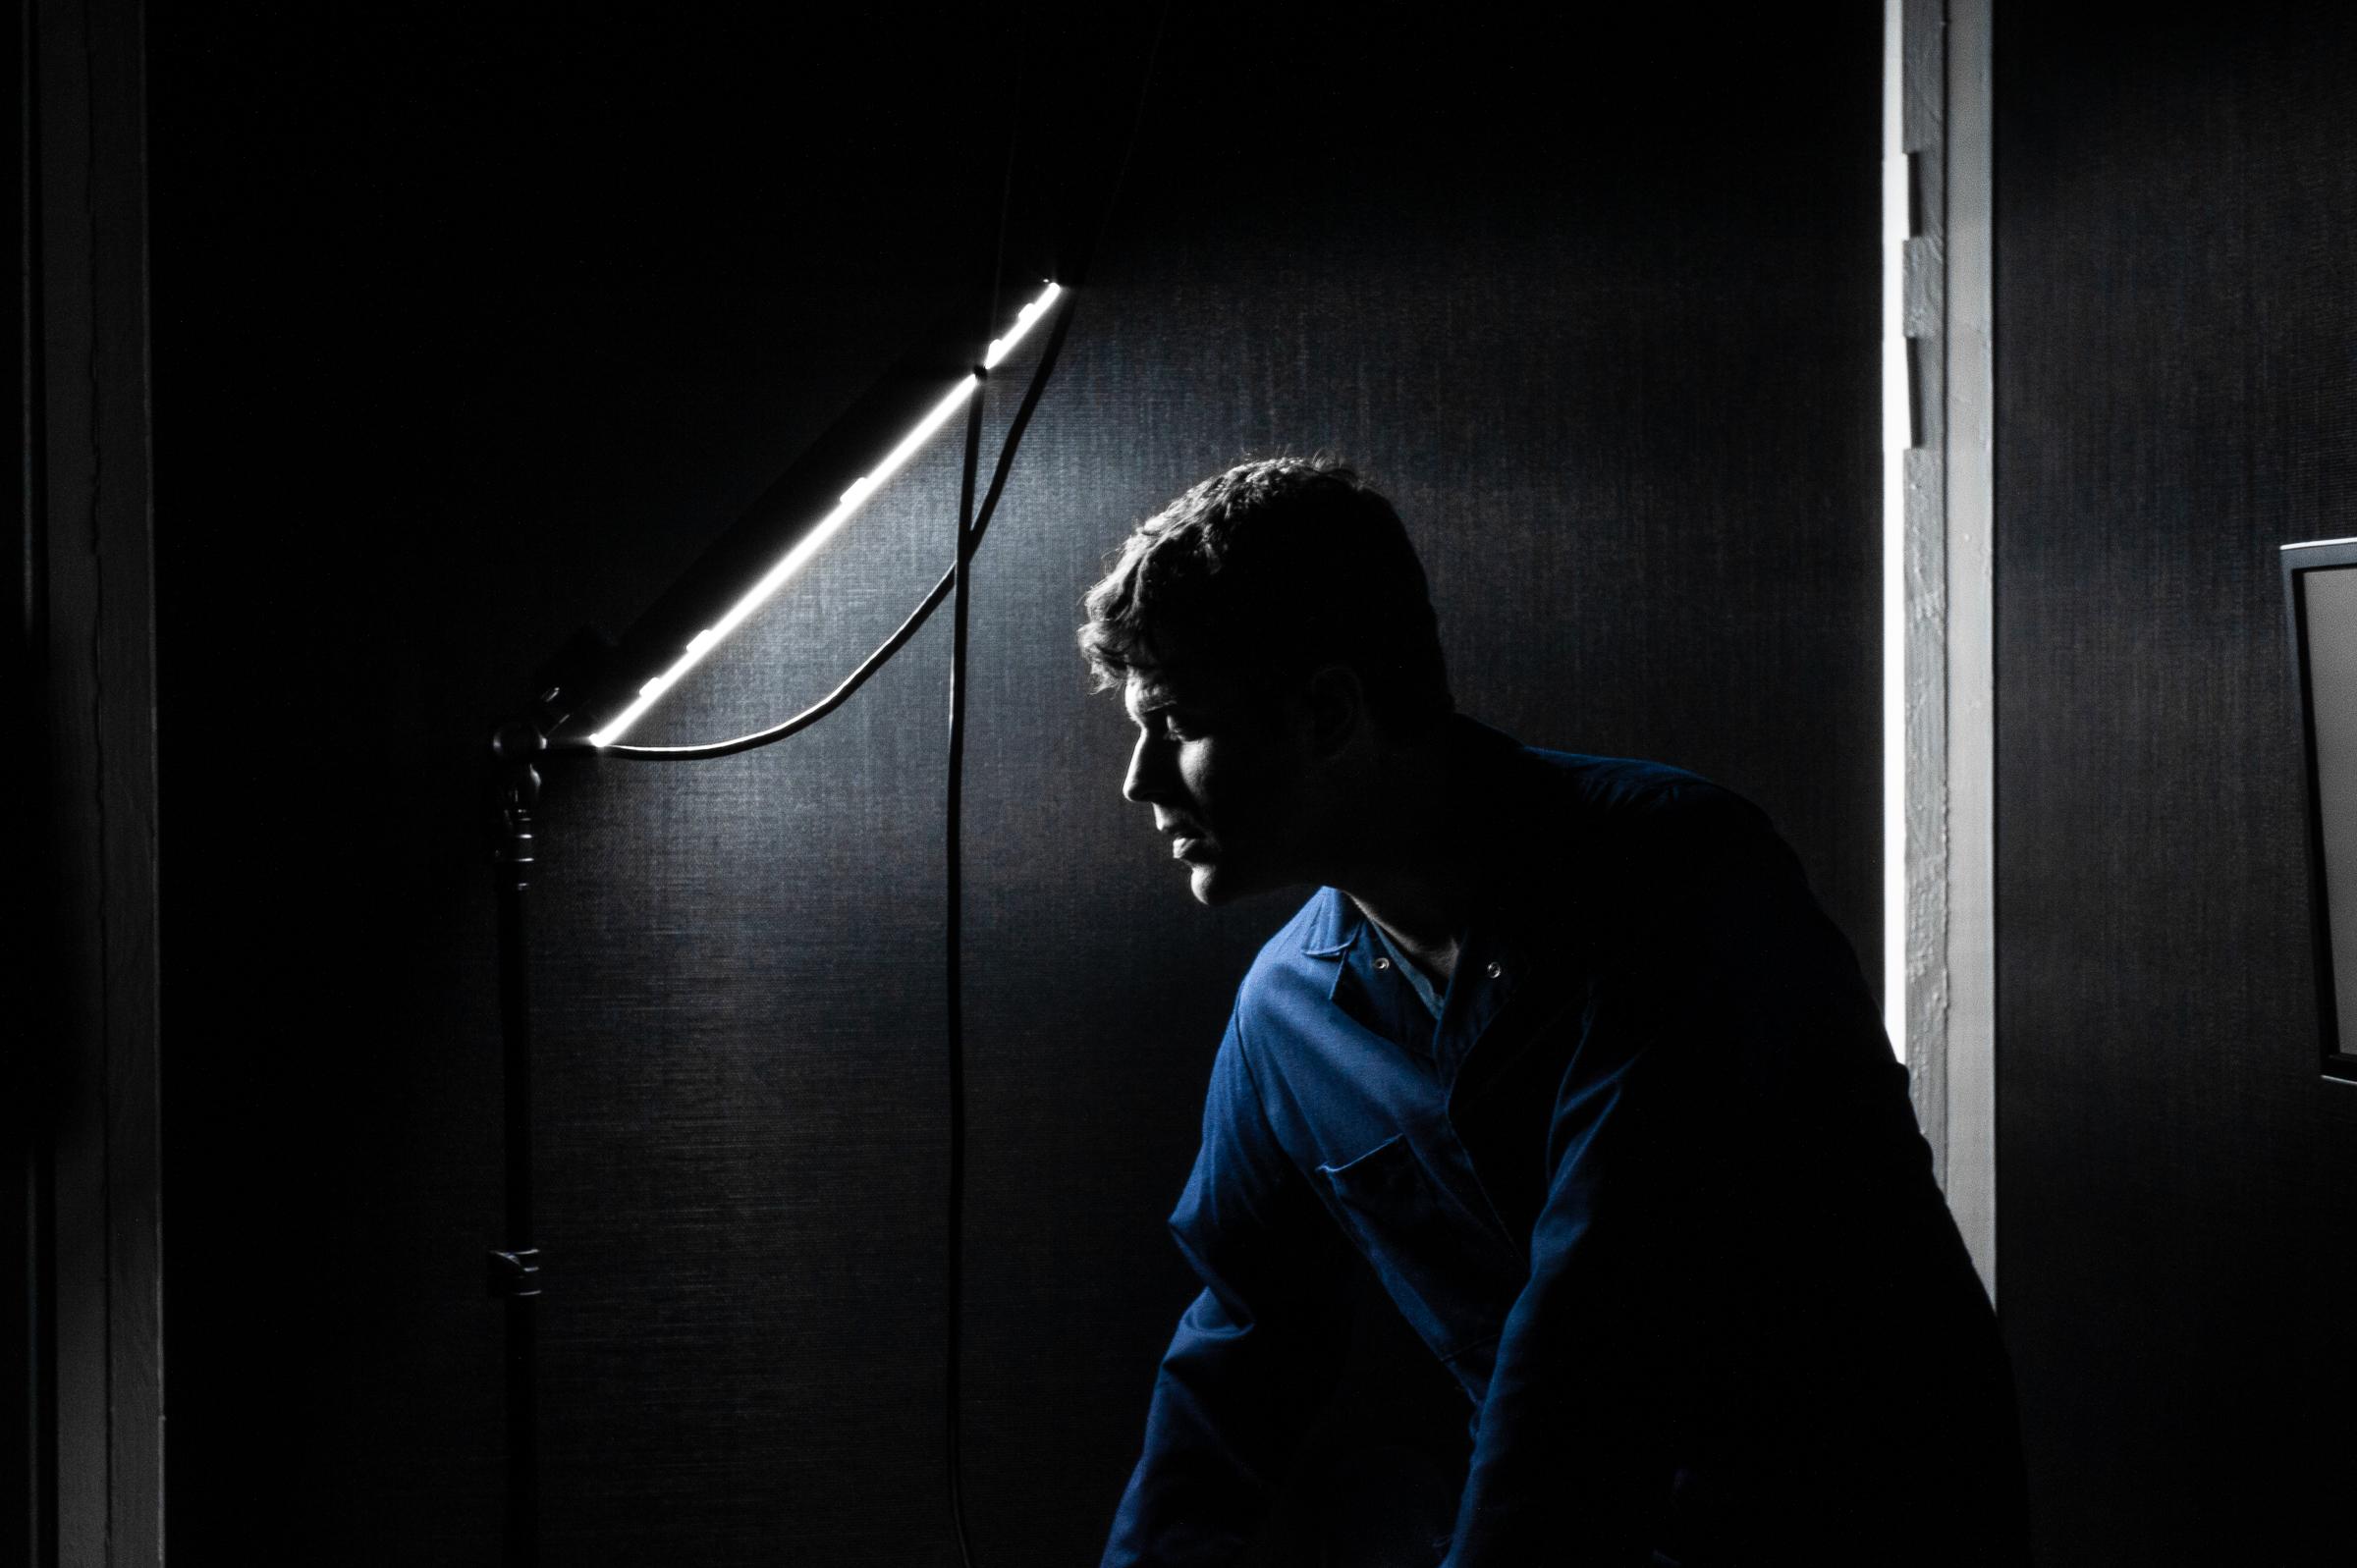 Attilio Rigotti, photo by yours truly